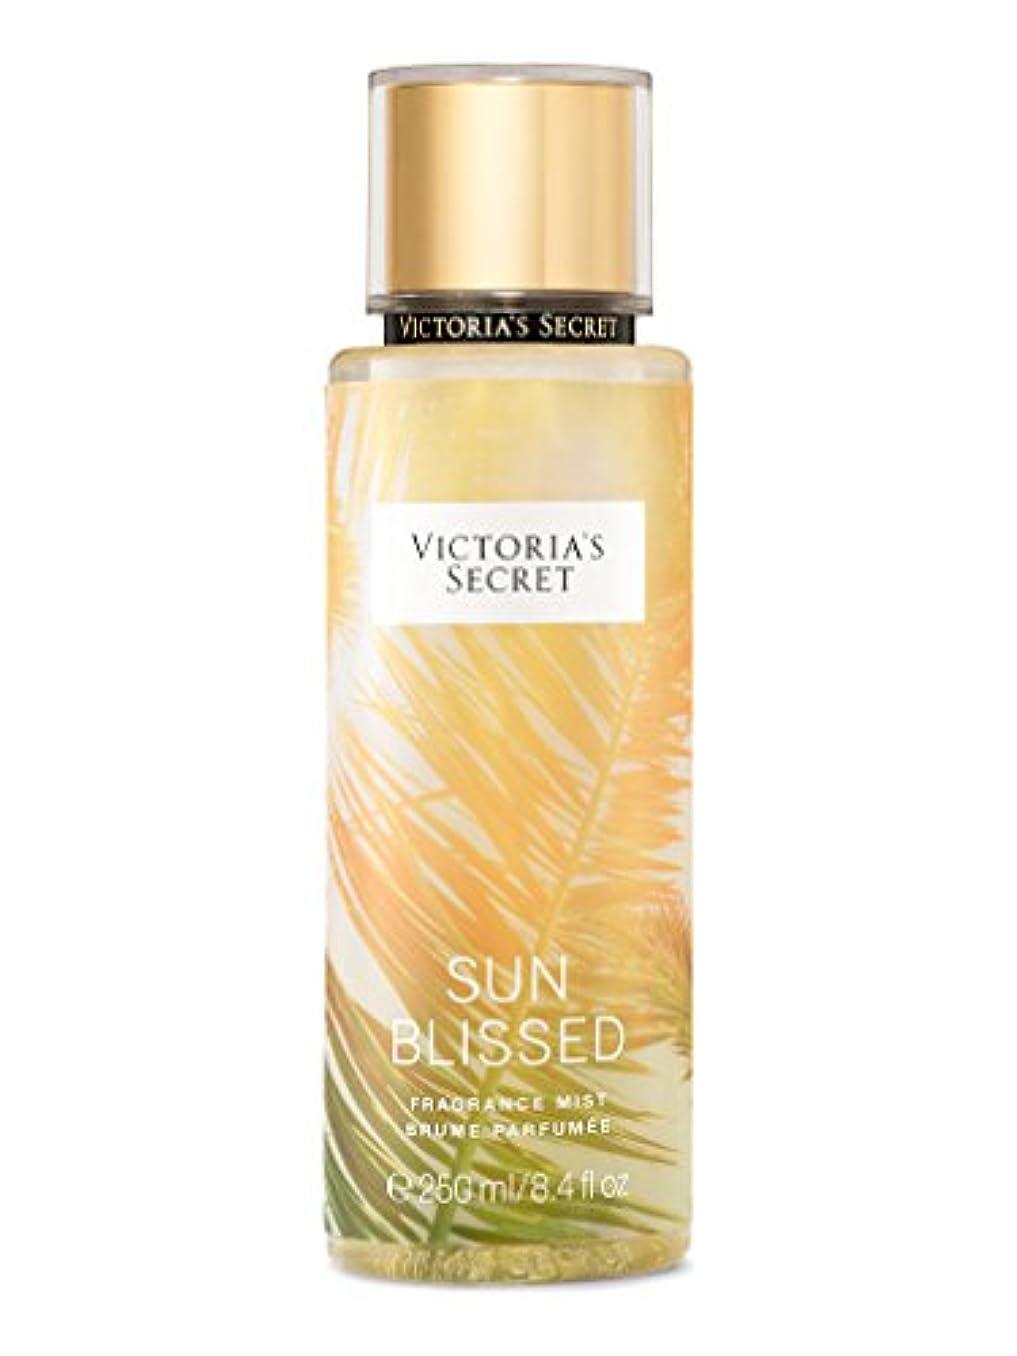 失われた急流マンハッタン【並行輸入品】Victoria's Secret Sun Blissed Fragrance Mist ヴィクトリアズシークレットサンブリスドミスト250 ml